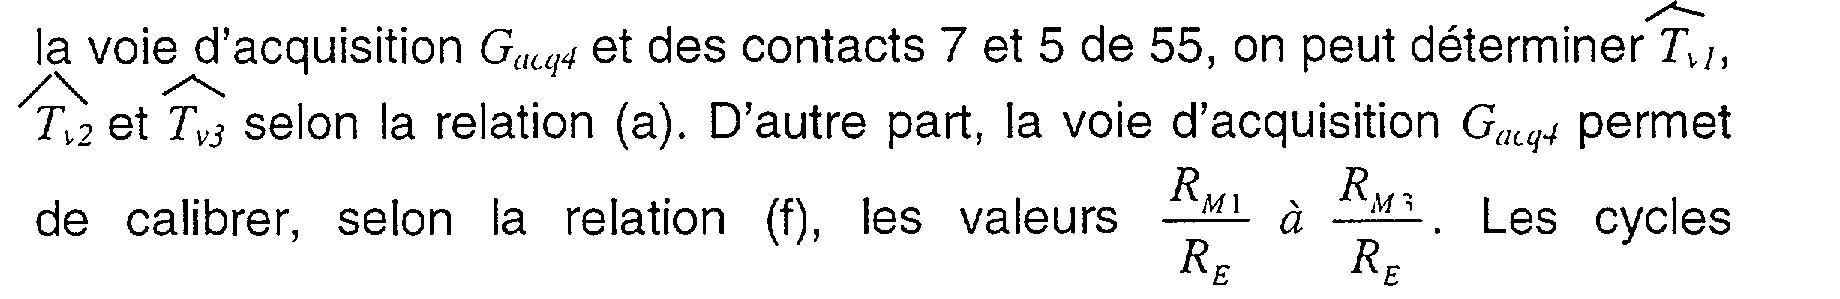 Figure img00190002